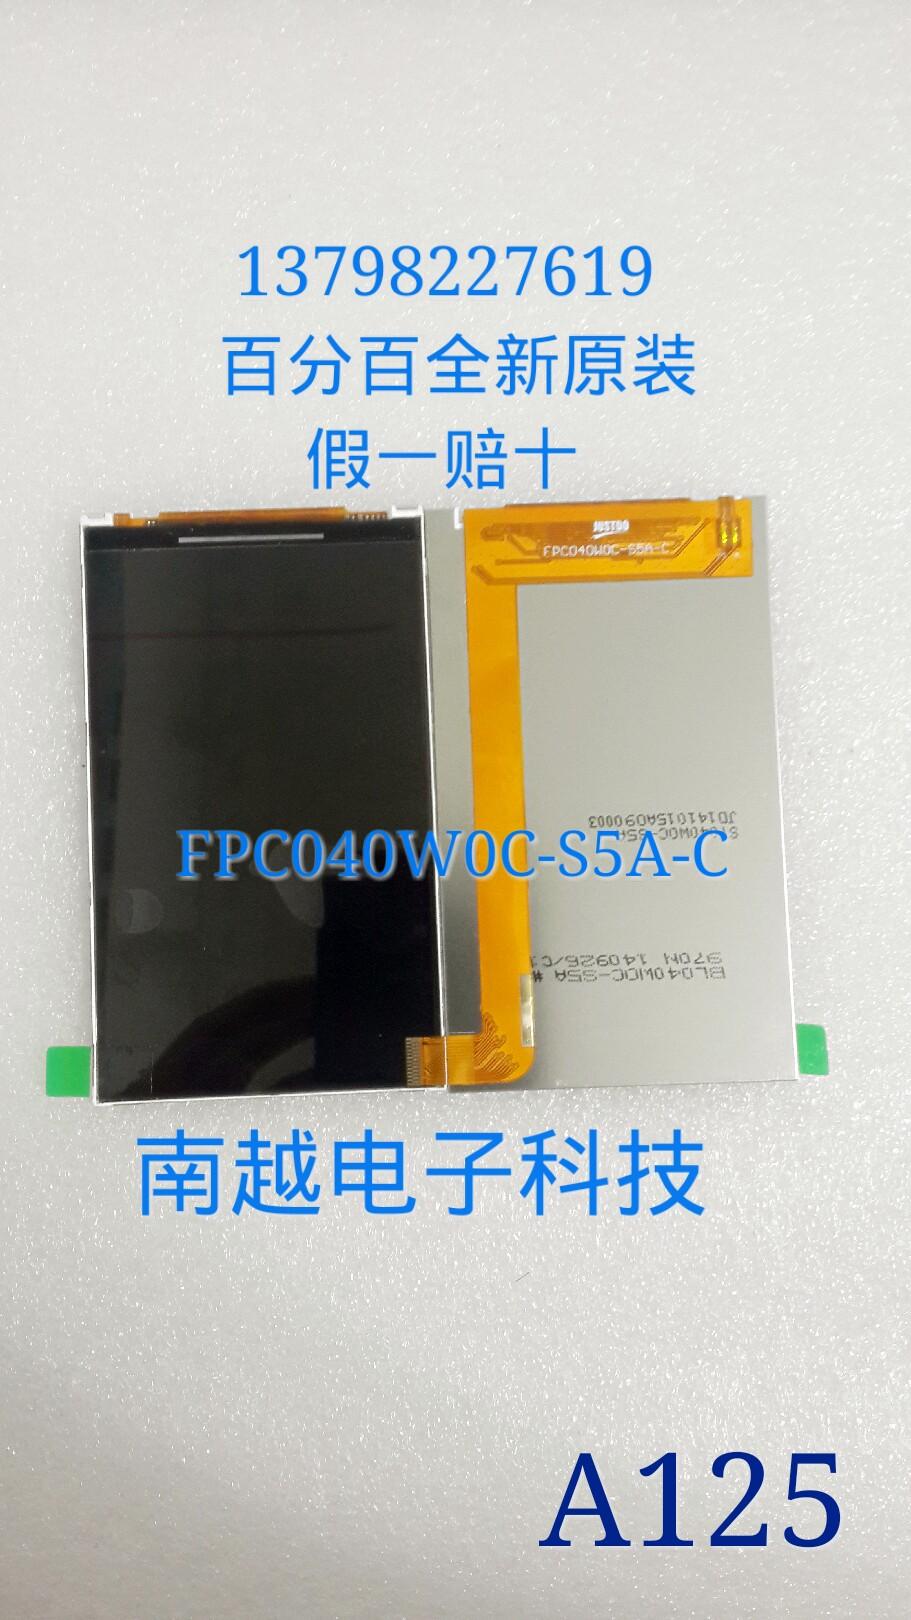 FPC040W0C-S5A-C 显示屏 TXDT400EGP-125V3 液晶屏 全新原装带框